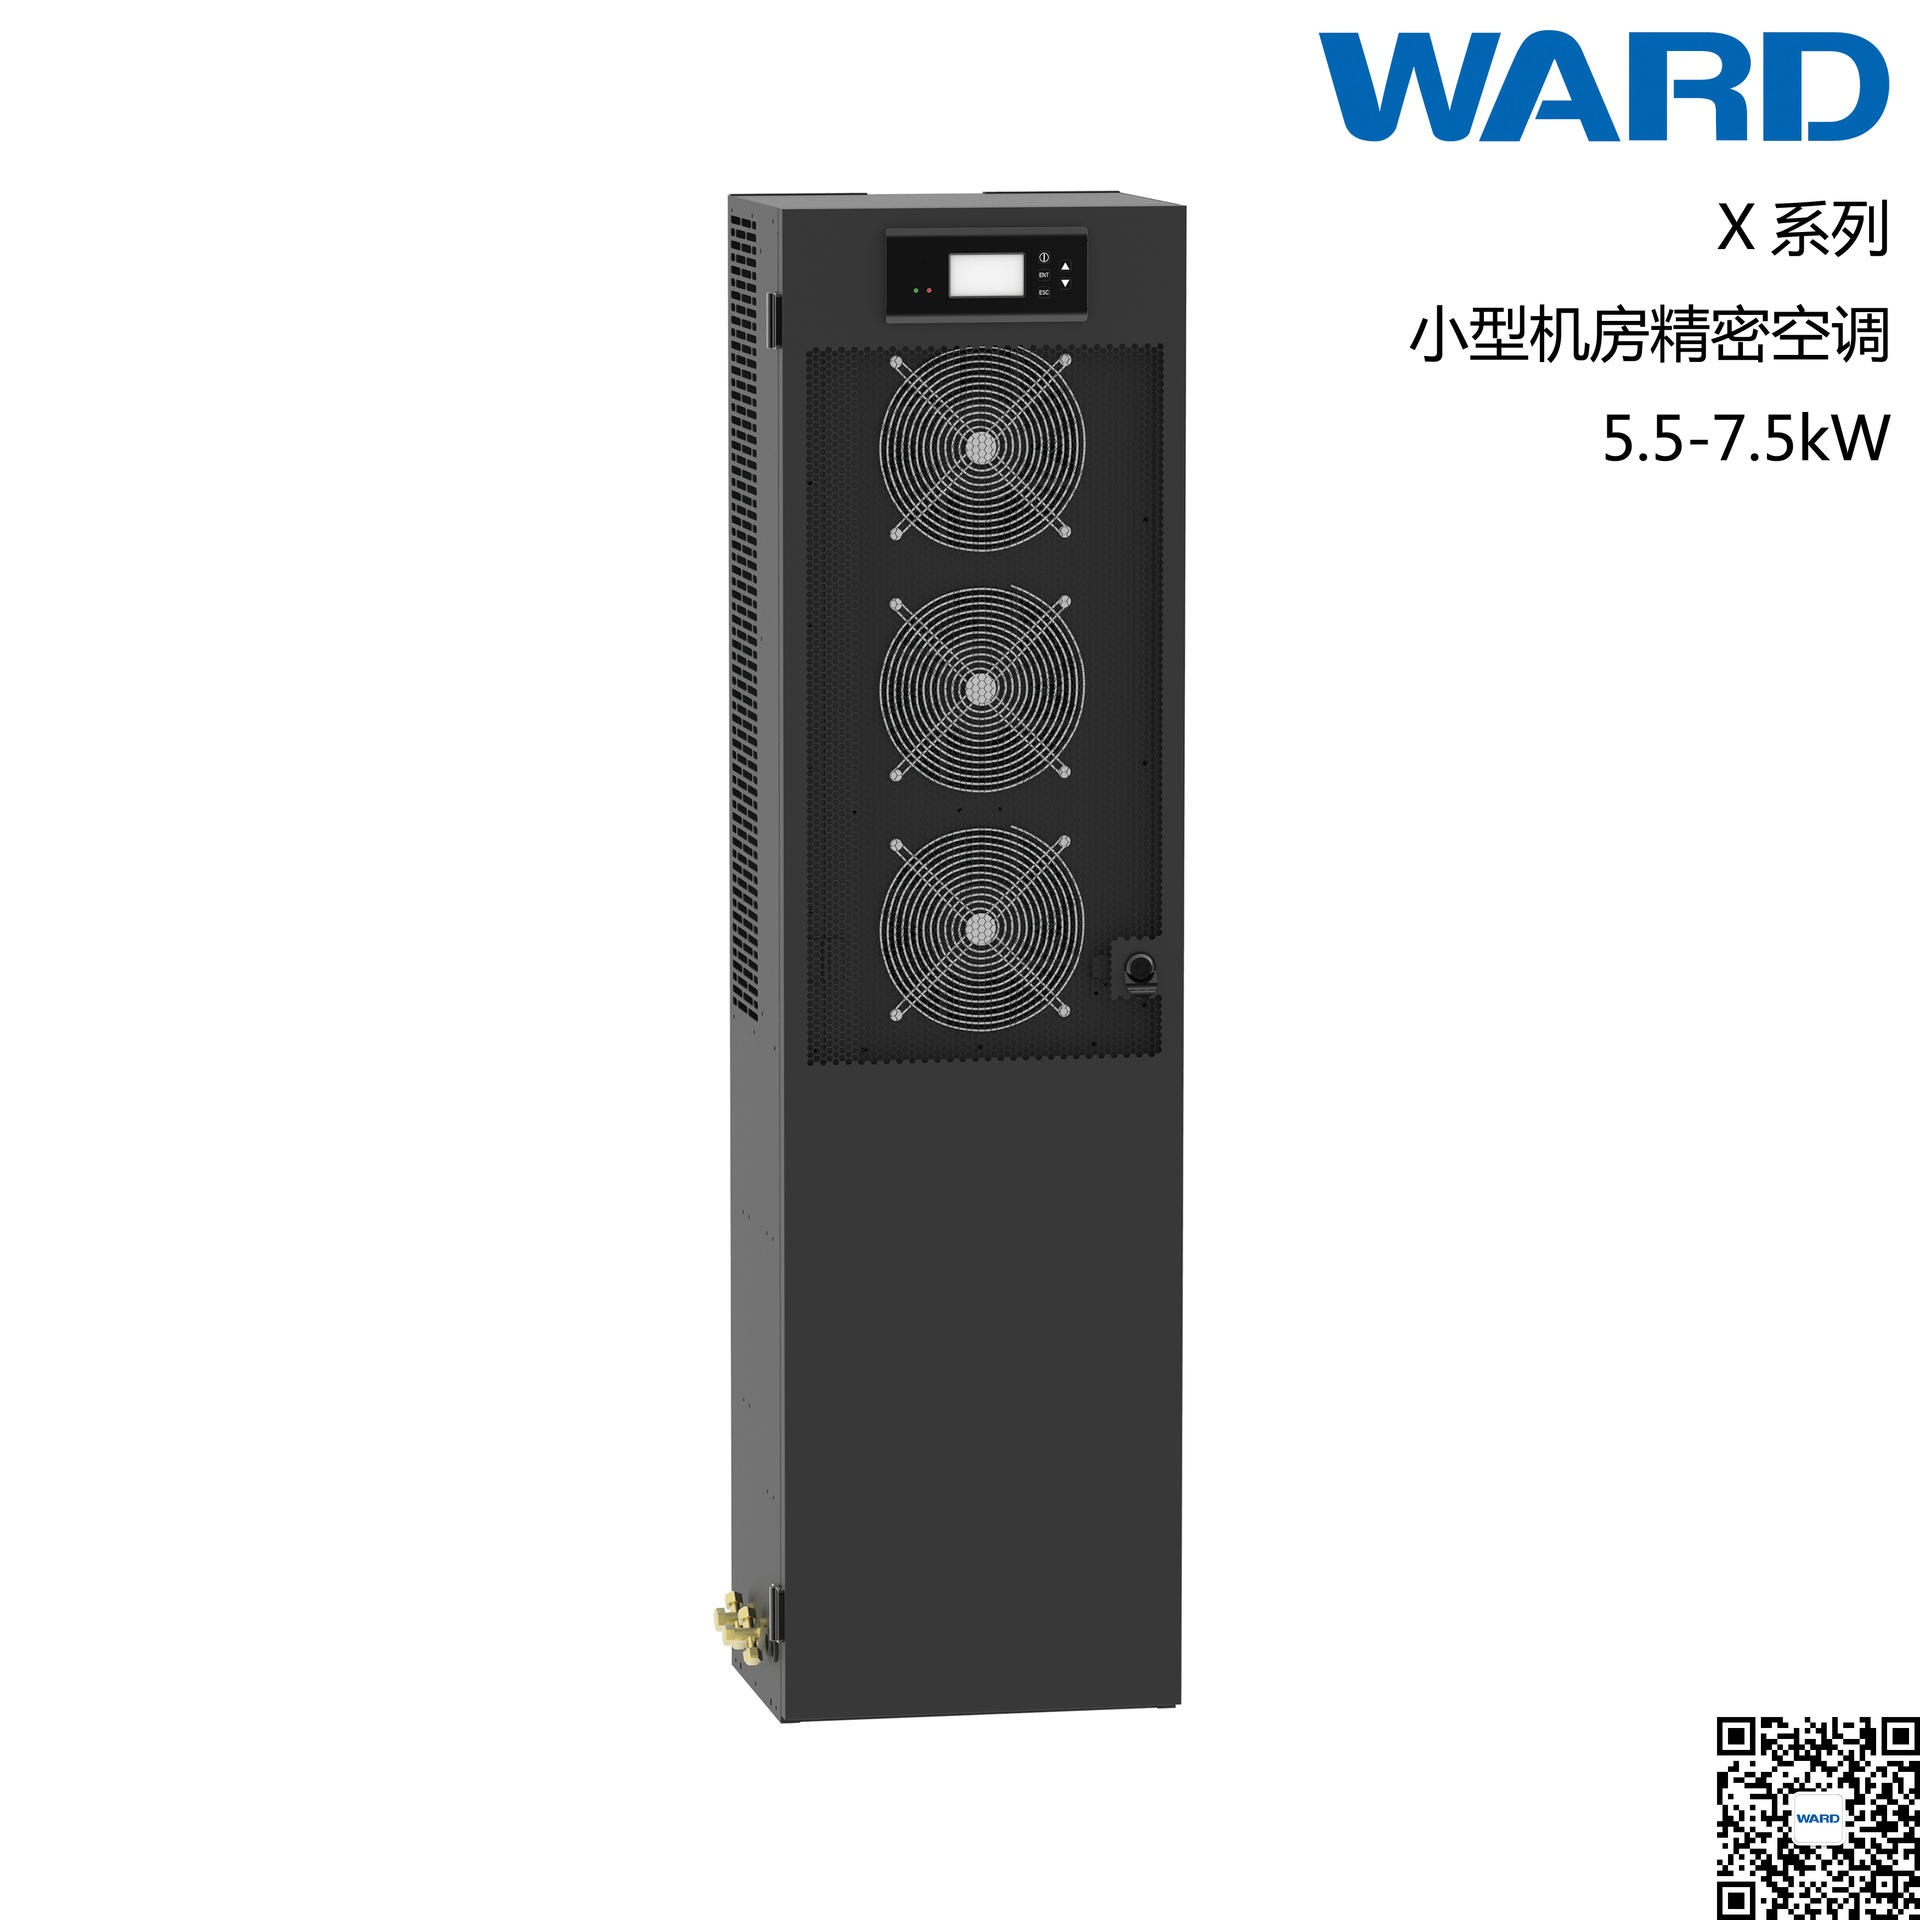 沈阳WARD韦德X系列小型实验室,档案室空调,博物馆空调,精密空调,变电所空调,电梯间空调,基站空调,酒窖空调